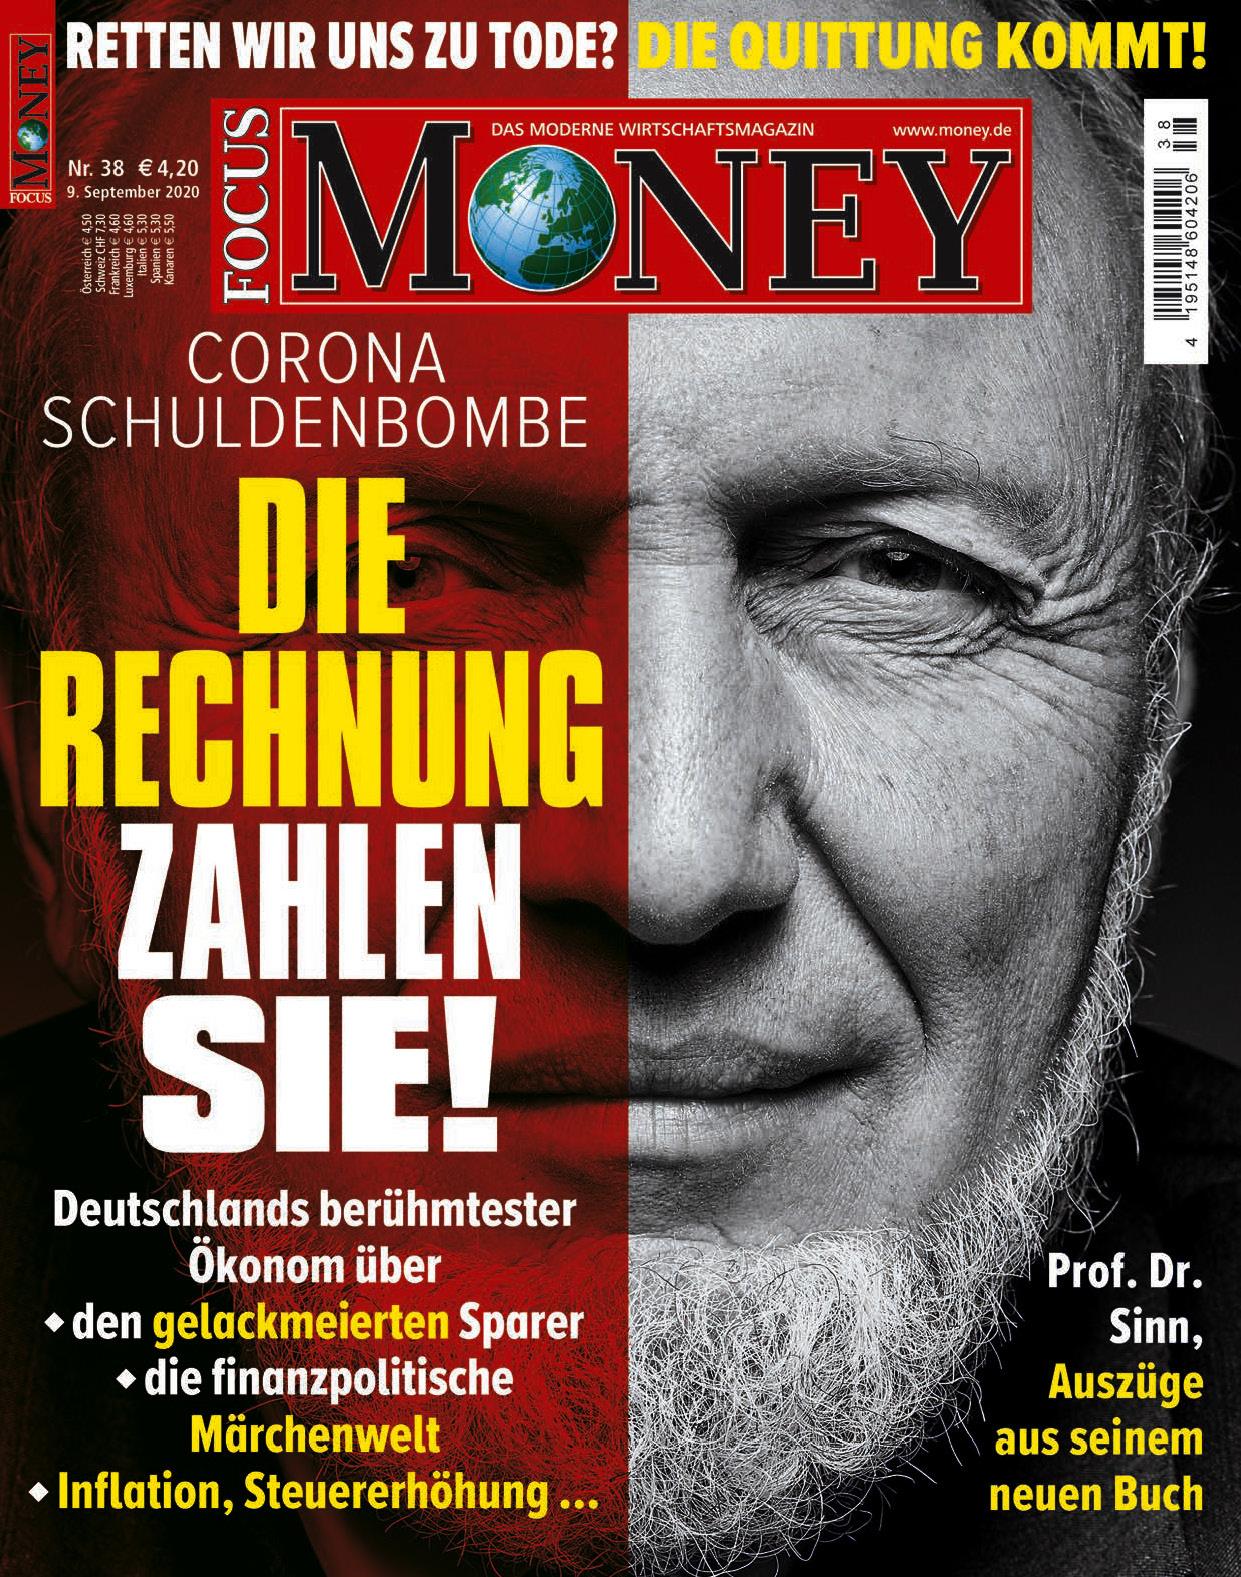 FOCUS-MONEY FOCUS MONEY – Corona-Schuldenbombe: Die Rechnung zahlen Sie!